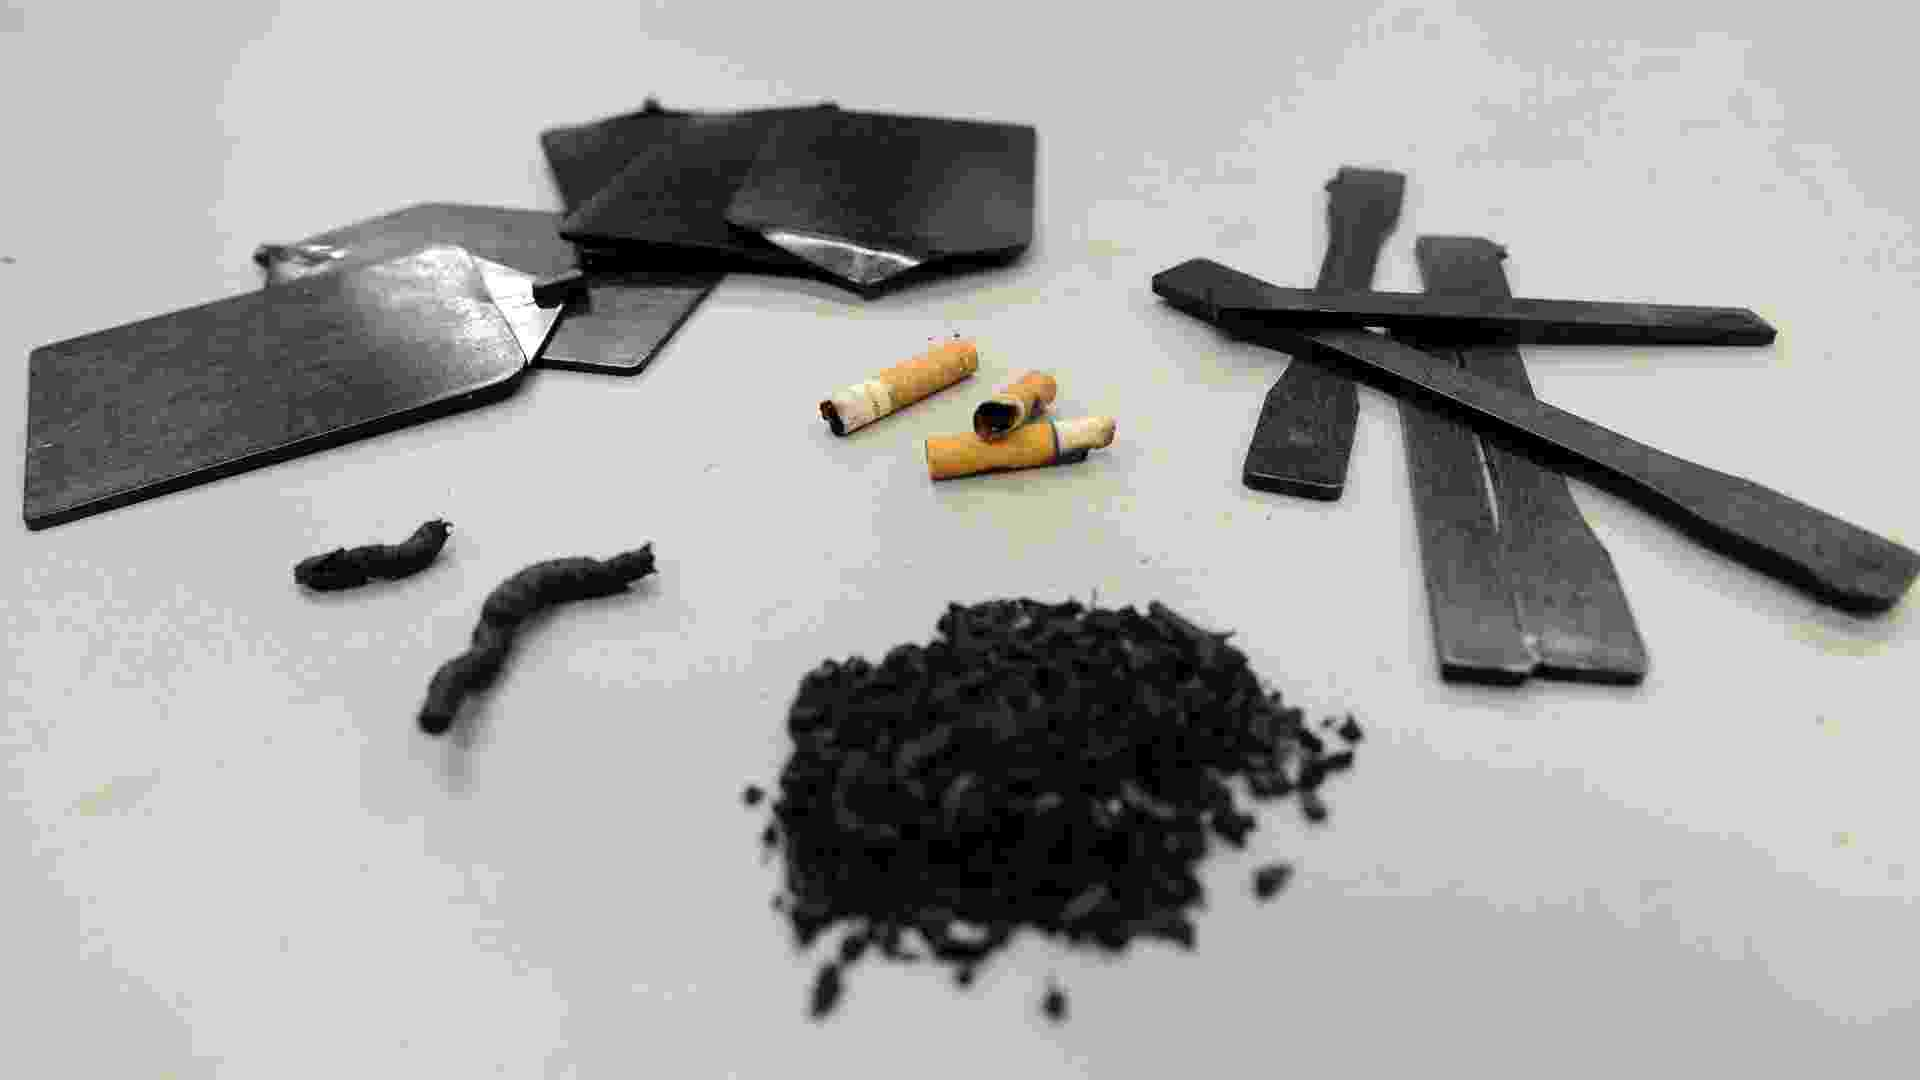 18.jan.2013 - Programa de reciclagem transforma pontas de cigarro em plástico. As cinzas são esterilizadas e dissecadas, misturando o papel e o tabaco, enquanto o acetato de celulose, material plástico usado no filtro, é fundido e reciclado. Segundo o criador do projeto, o empresário Tom Szaky, os cigarros são a principal fonte de resíduos mundial e respondem por 37% de tudo o que as pessoas jogam fora - Emmanuel Dunand/AFP